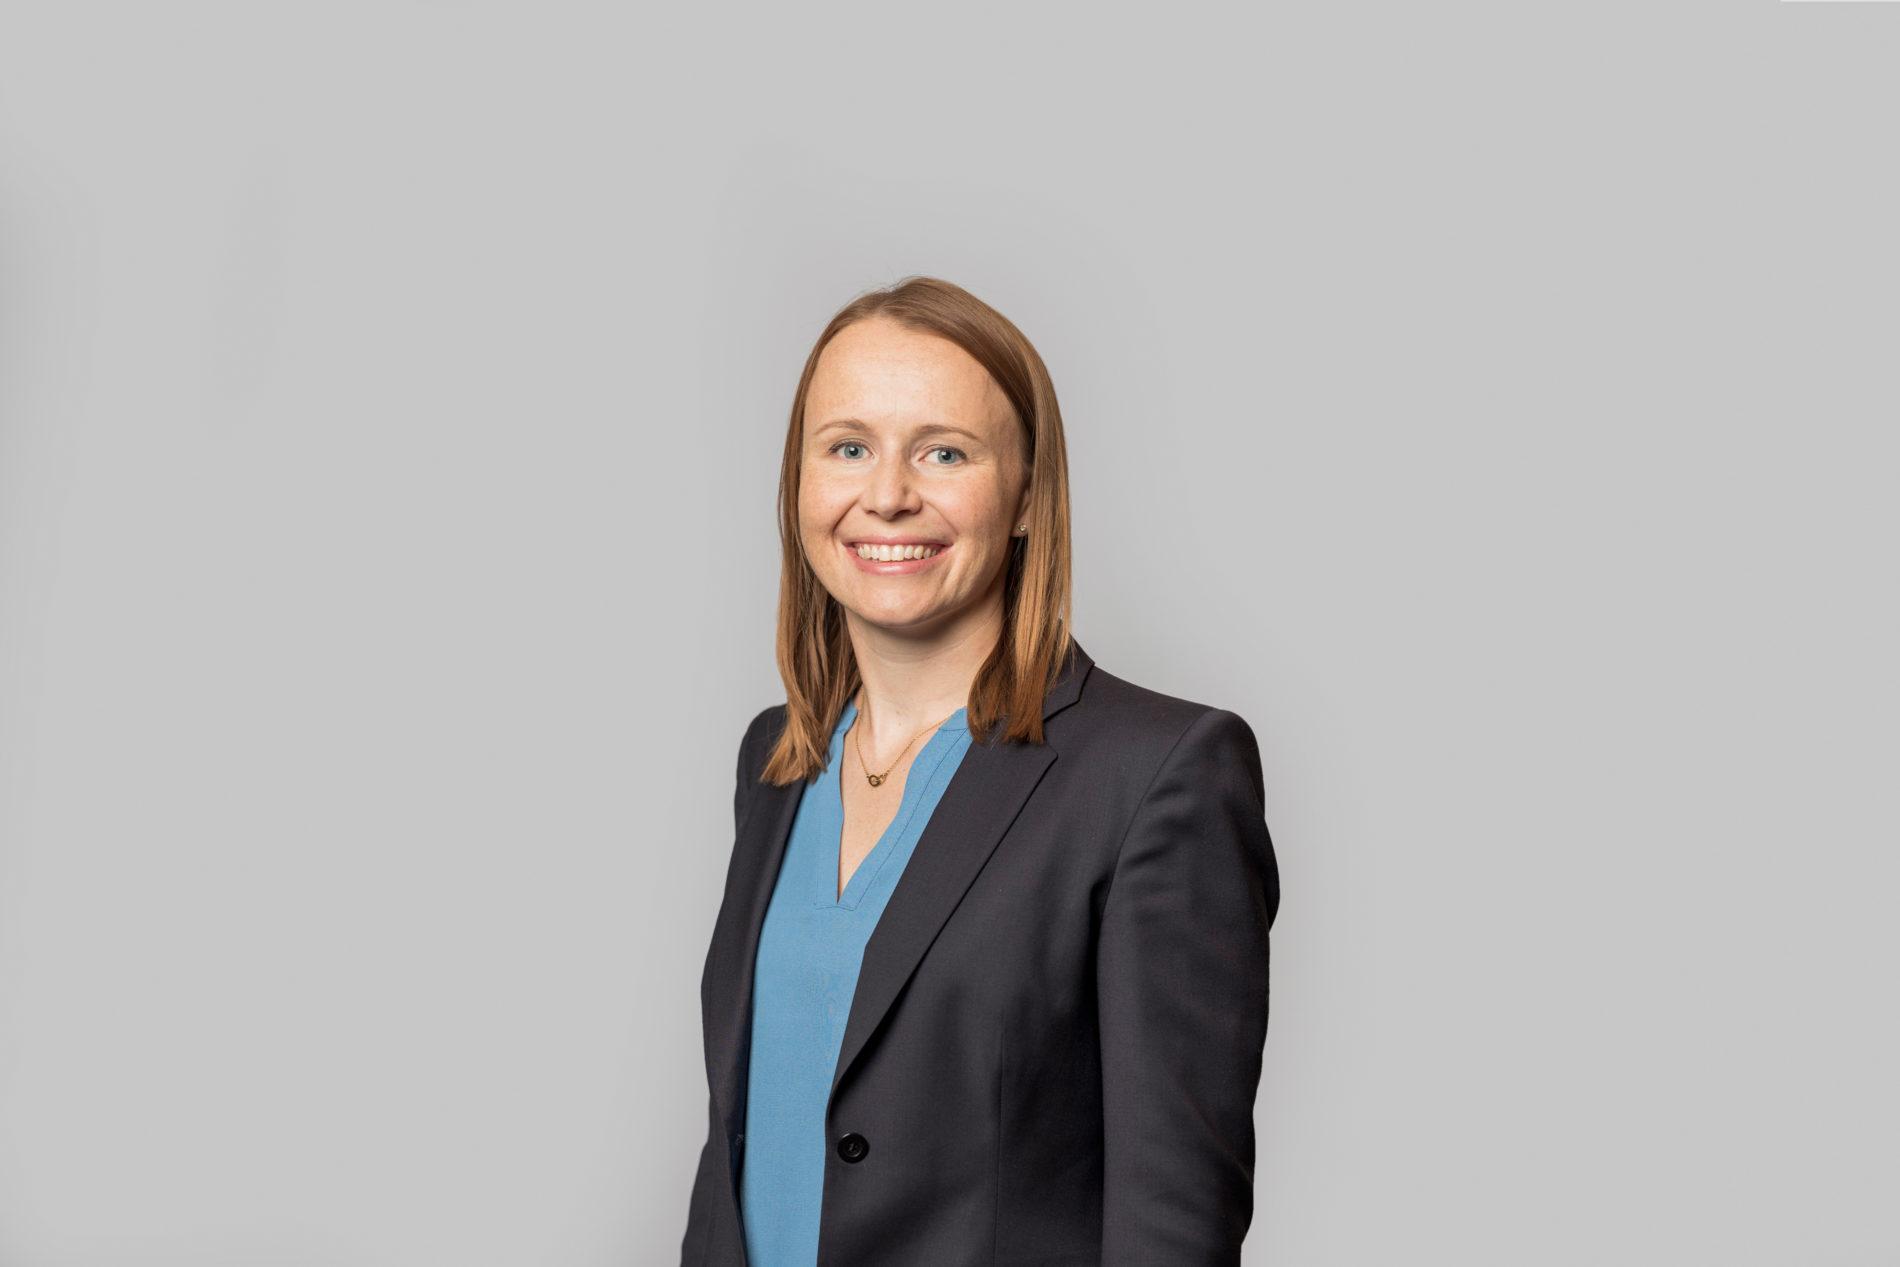 Ragnhild Sjöberg